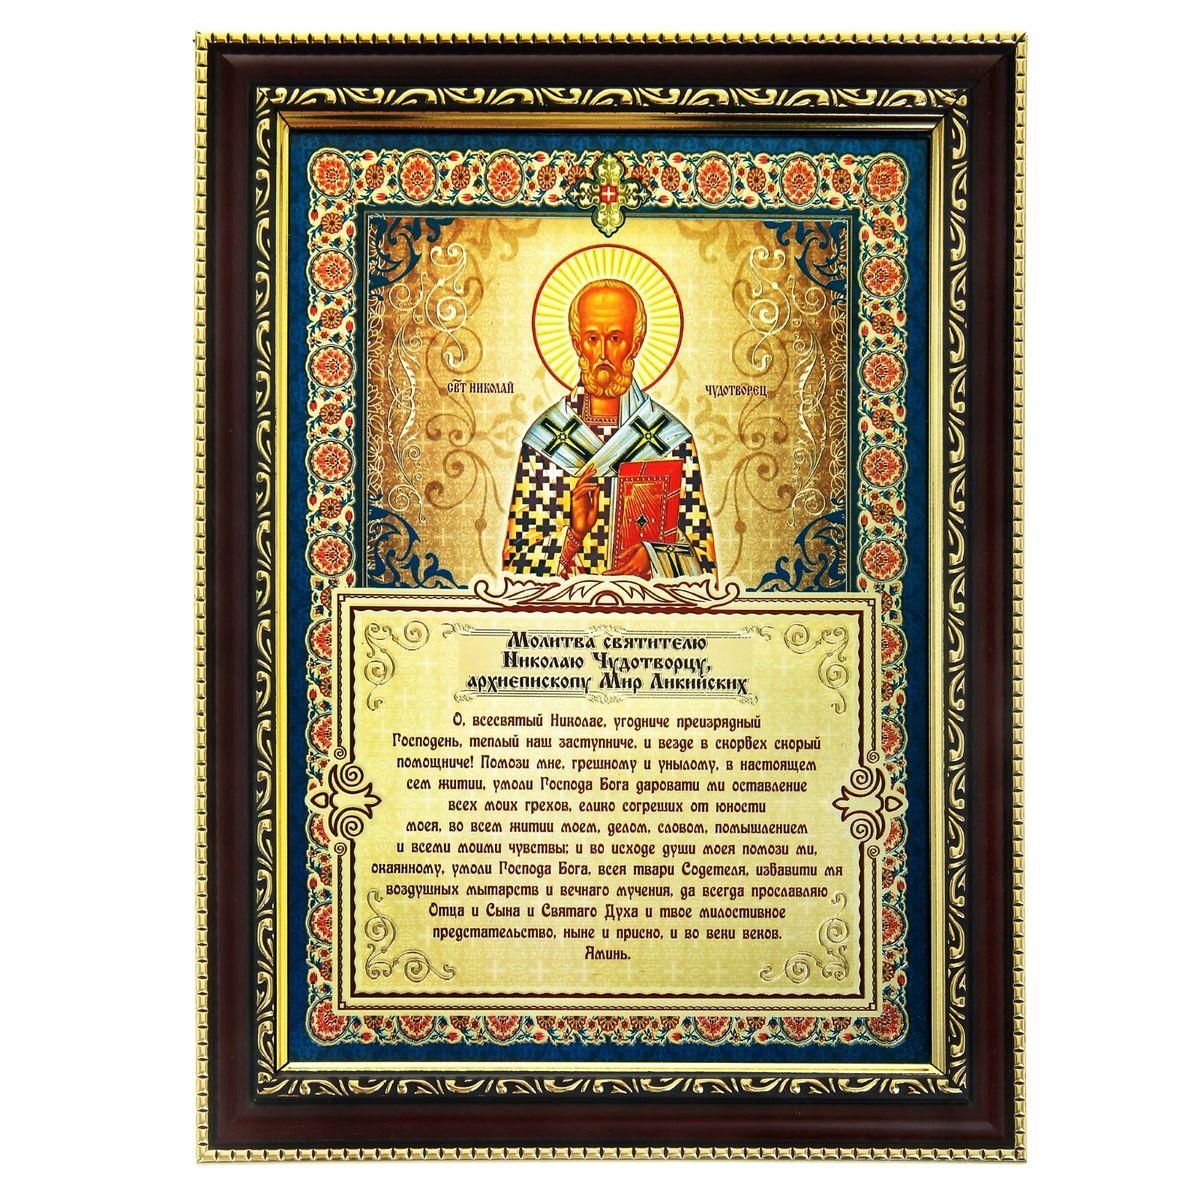 Икона с молитвой Молитва святителю Николаю Чудотворцу, 26 см х 34,5 см185078Икона Молитва святителю Николаю Чудотворцу состоит из деревянной рамки с пластиковым орнаментом и со стеклом, в которую вставлен фольгированный лист с изображением православной иконы и молитвы. С задней стороны имеется ножка для удобного размещения на плоской горизонтальной поверхности. Изображенный образ полностью соответствует канонам Русской Православной Церкви.Такая икона в рамке привнесет в ваш дом согласие и мир и будет прекрасным подарком, оберегающим близких вам людей.